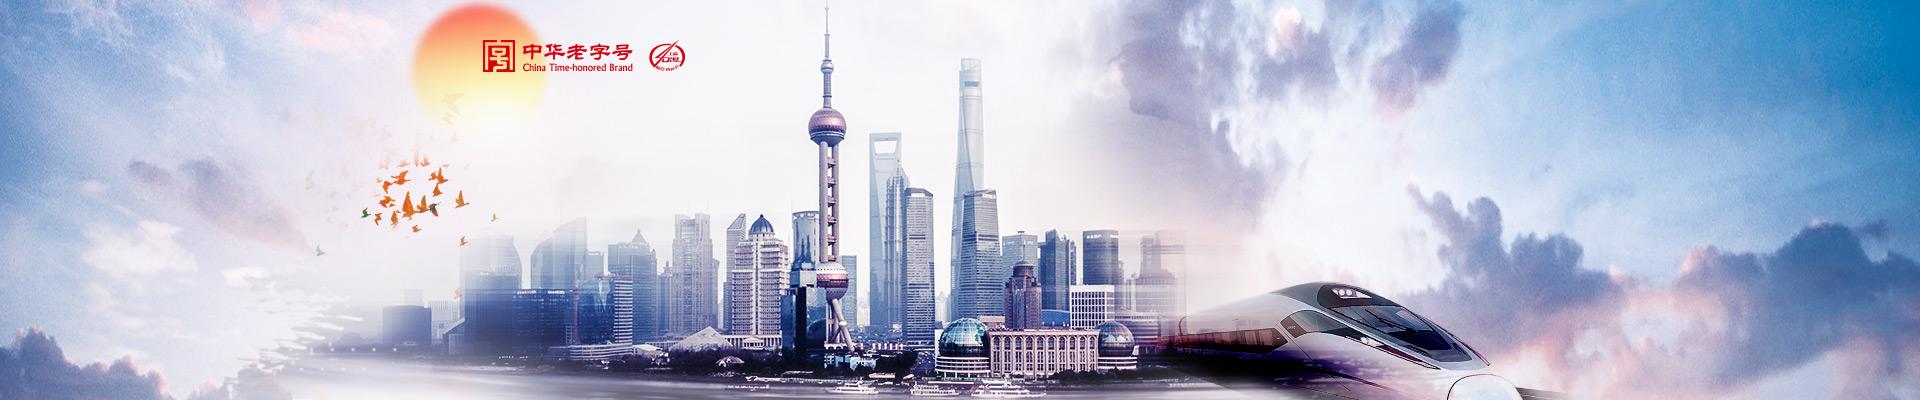 必威体育网站注册必威体育官网中华老字号,上海制造